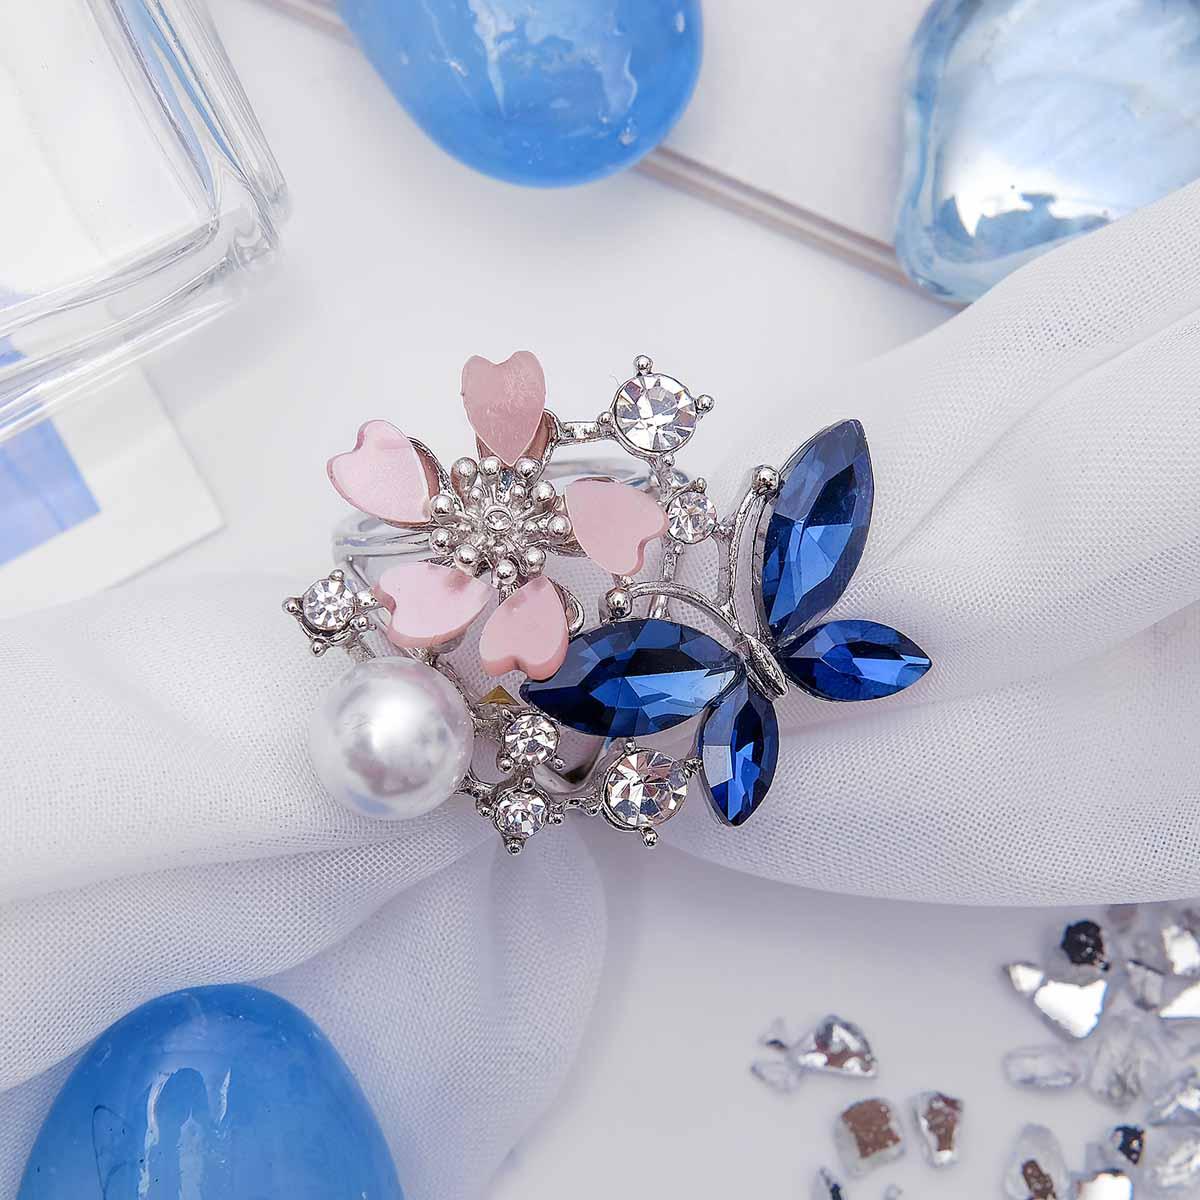 1705337 Кольцо для платка 'Бабочка с цветочком' зимняя искра, цветная в серебре